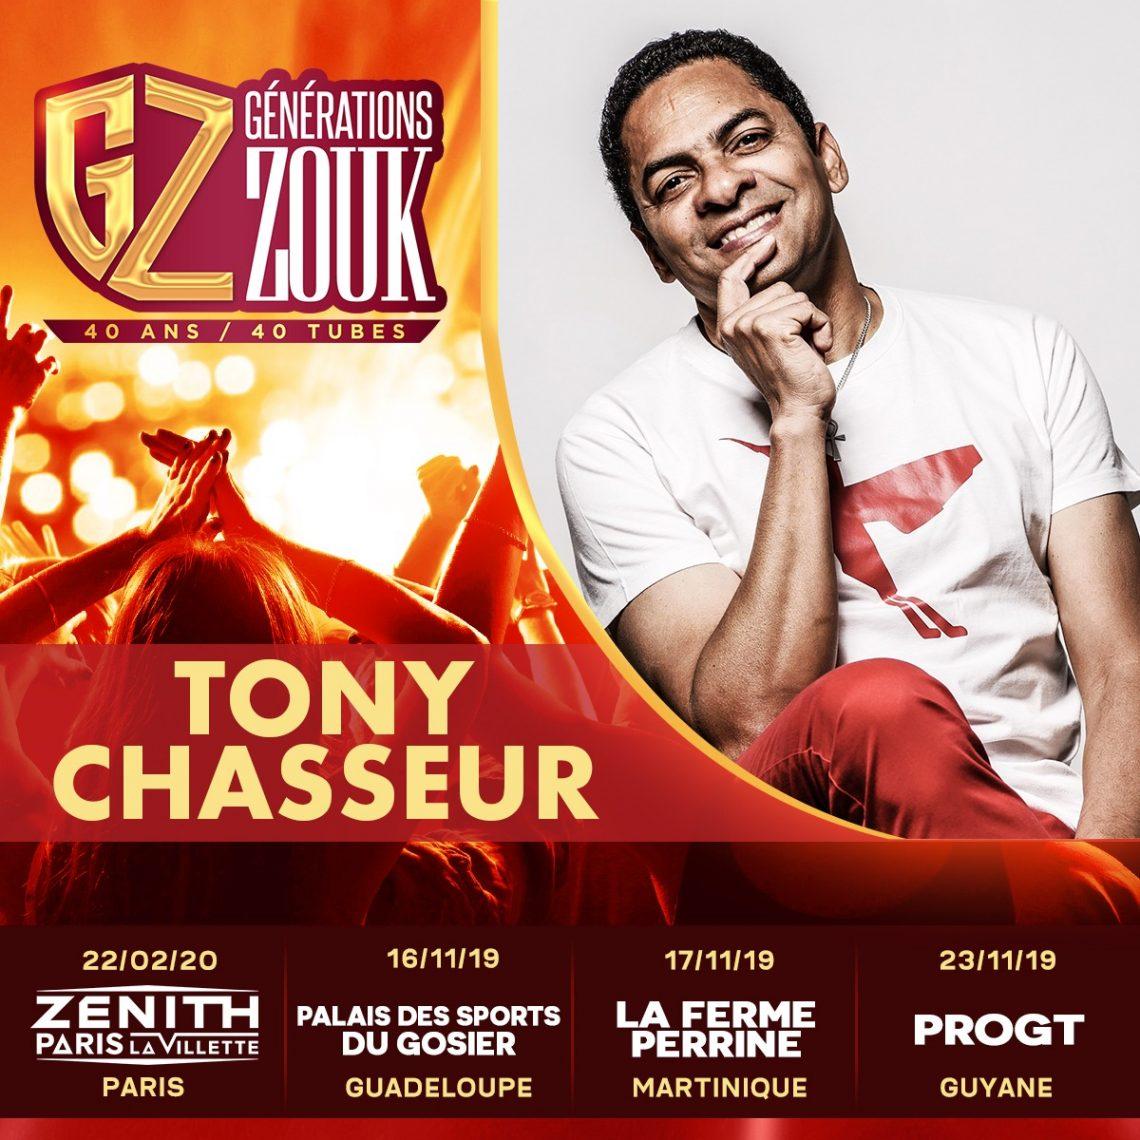 Générations ZOUK,en Guadeloupe